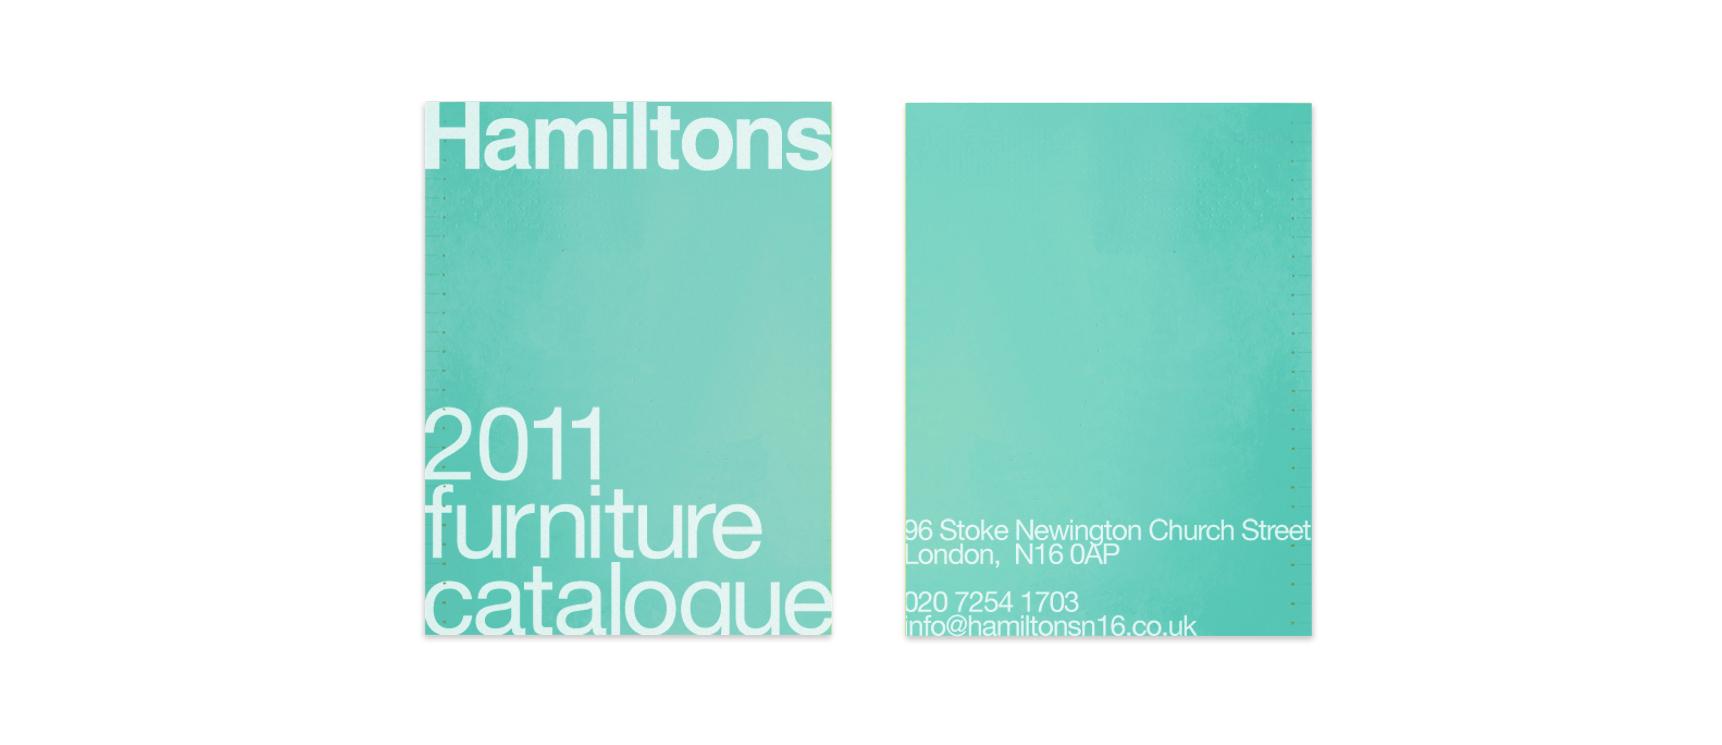 hamiltons_identity_03